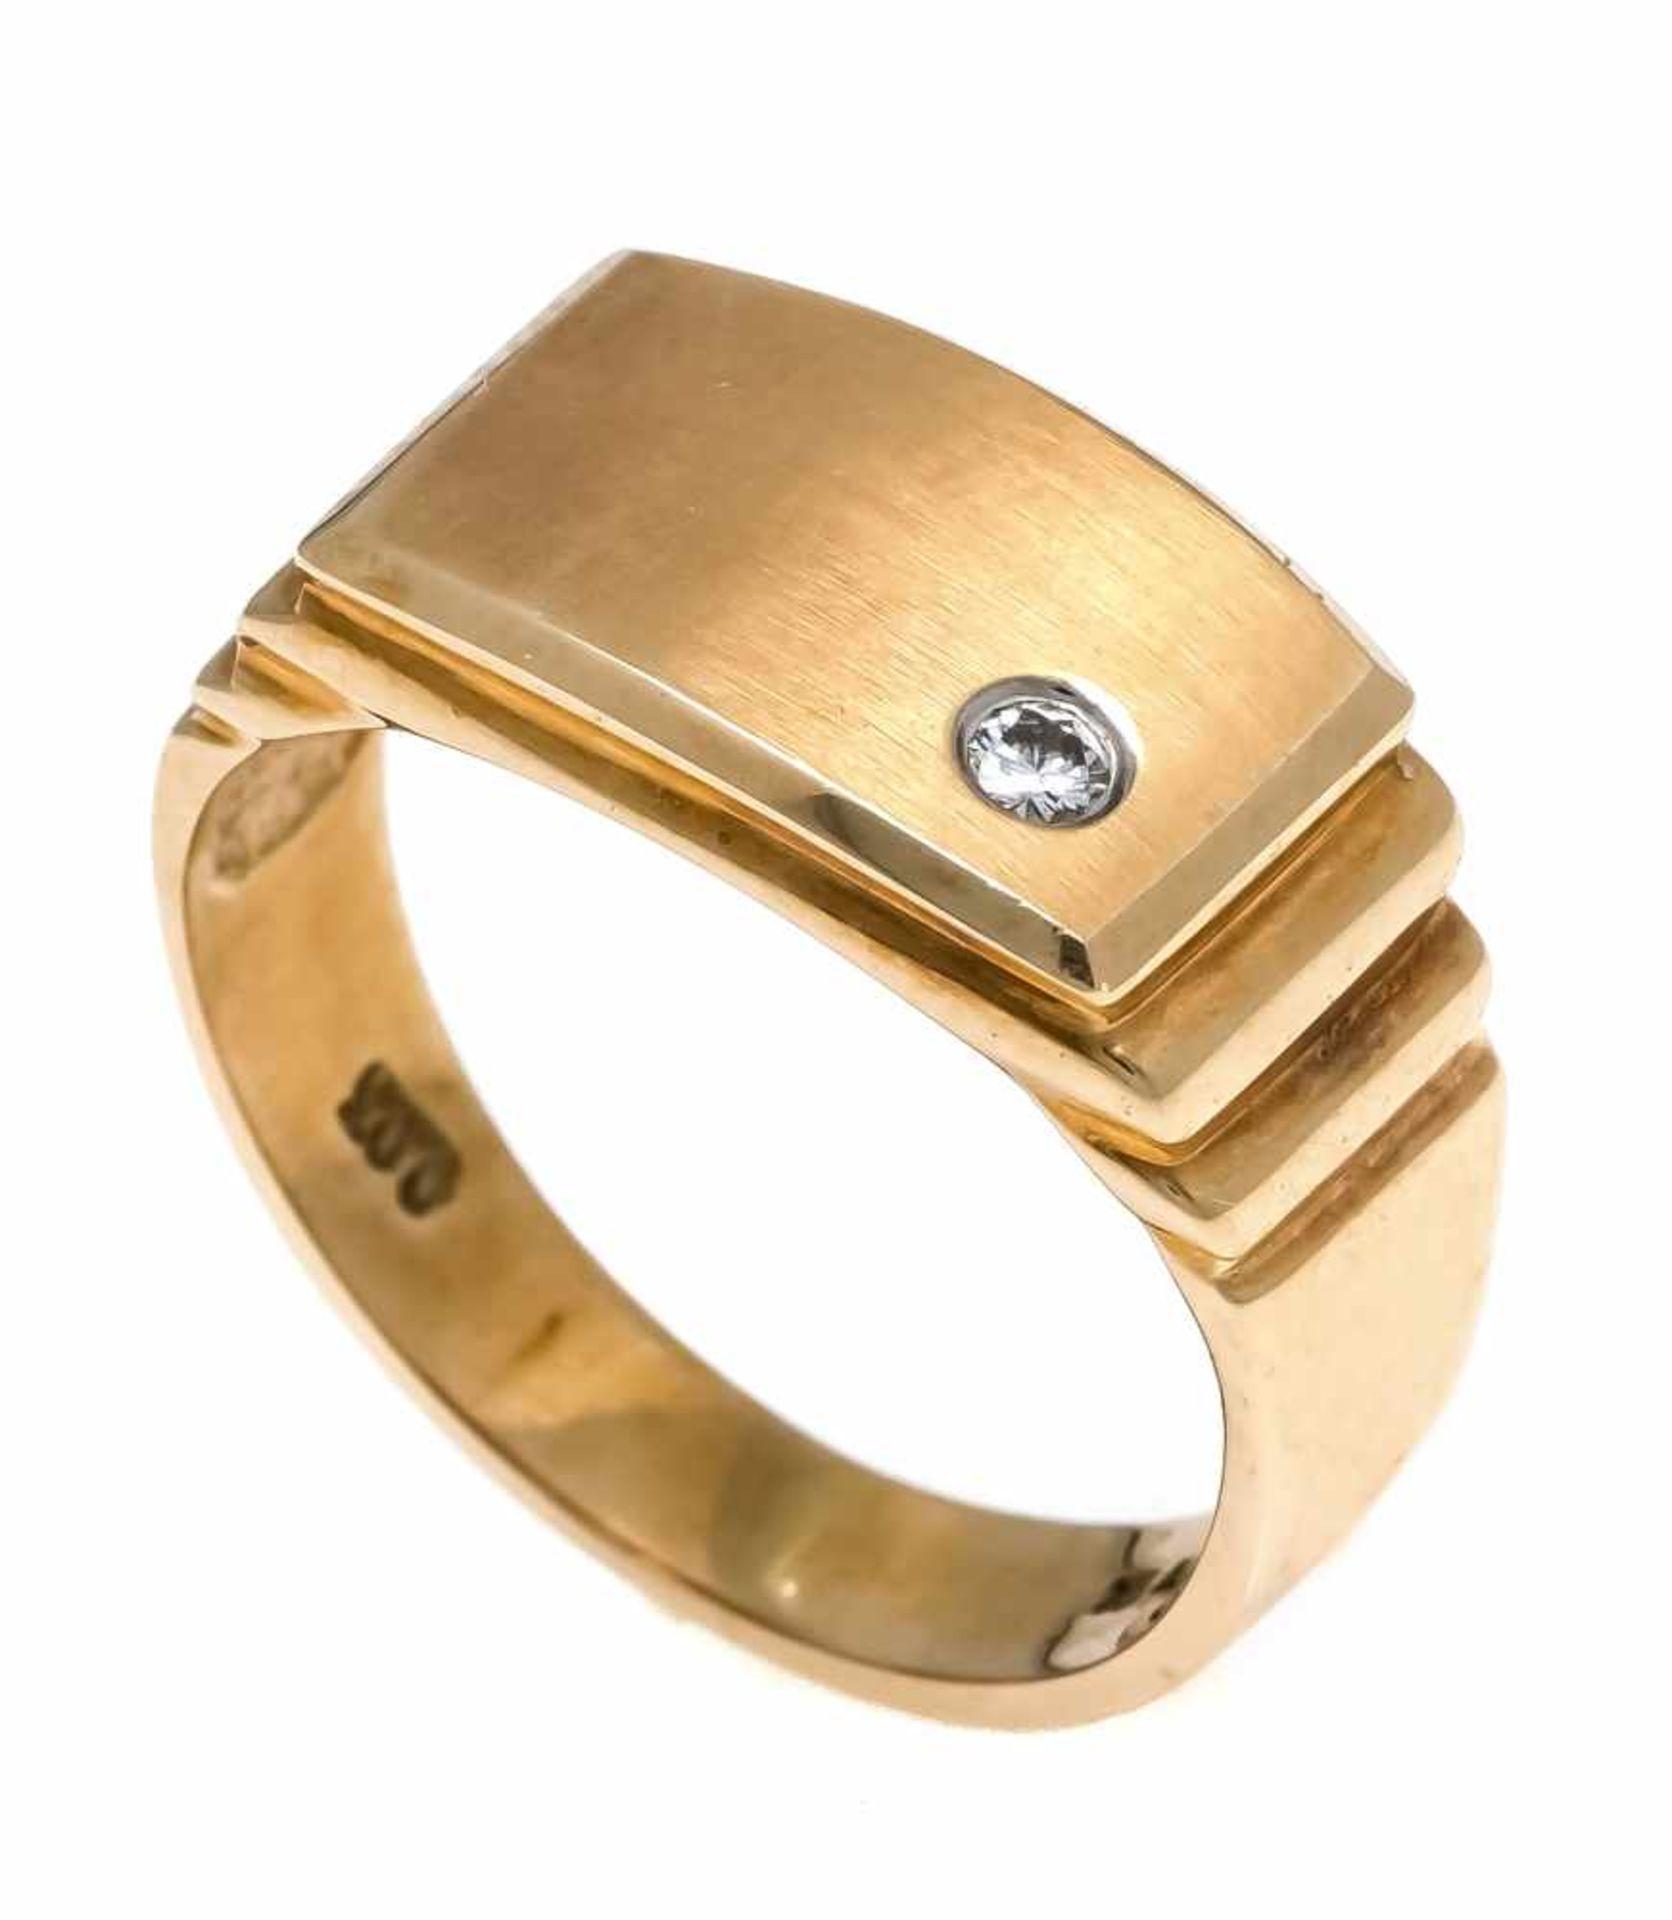 Brillant-Ring GG 585/000 mit einem Brillanten 0,03 ct W/SI, RG 49, 4,2 gDiamond ring gold 585/000